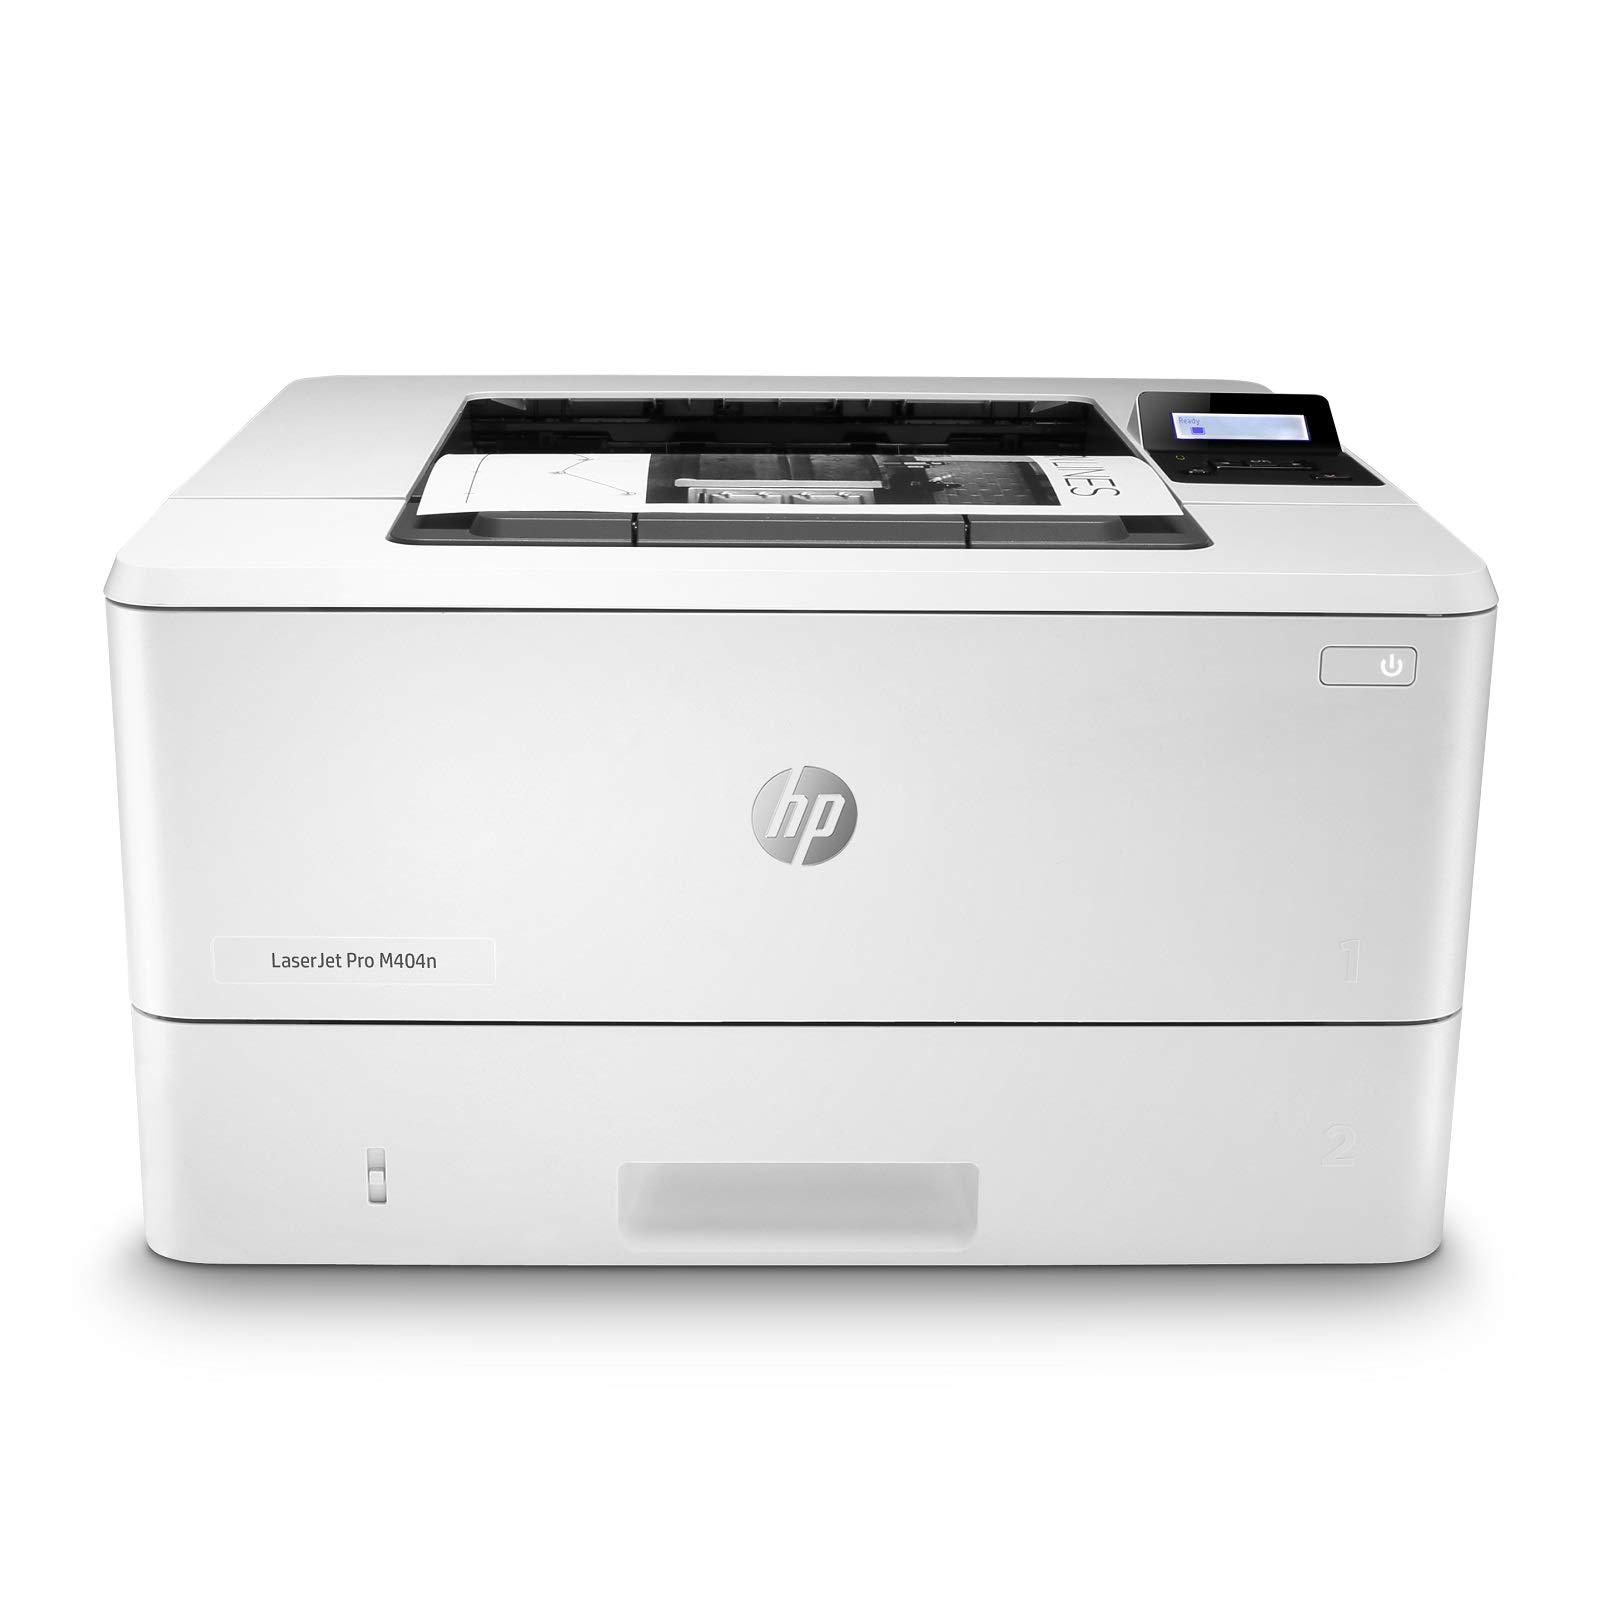 Hp Laserjet Pro M404N Monochrome Laser Printer (W1A52A) - Ethernet Only by HP